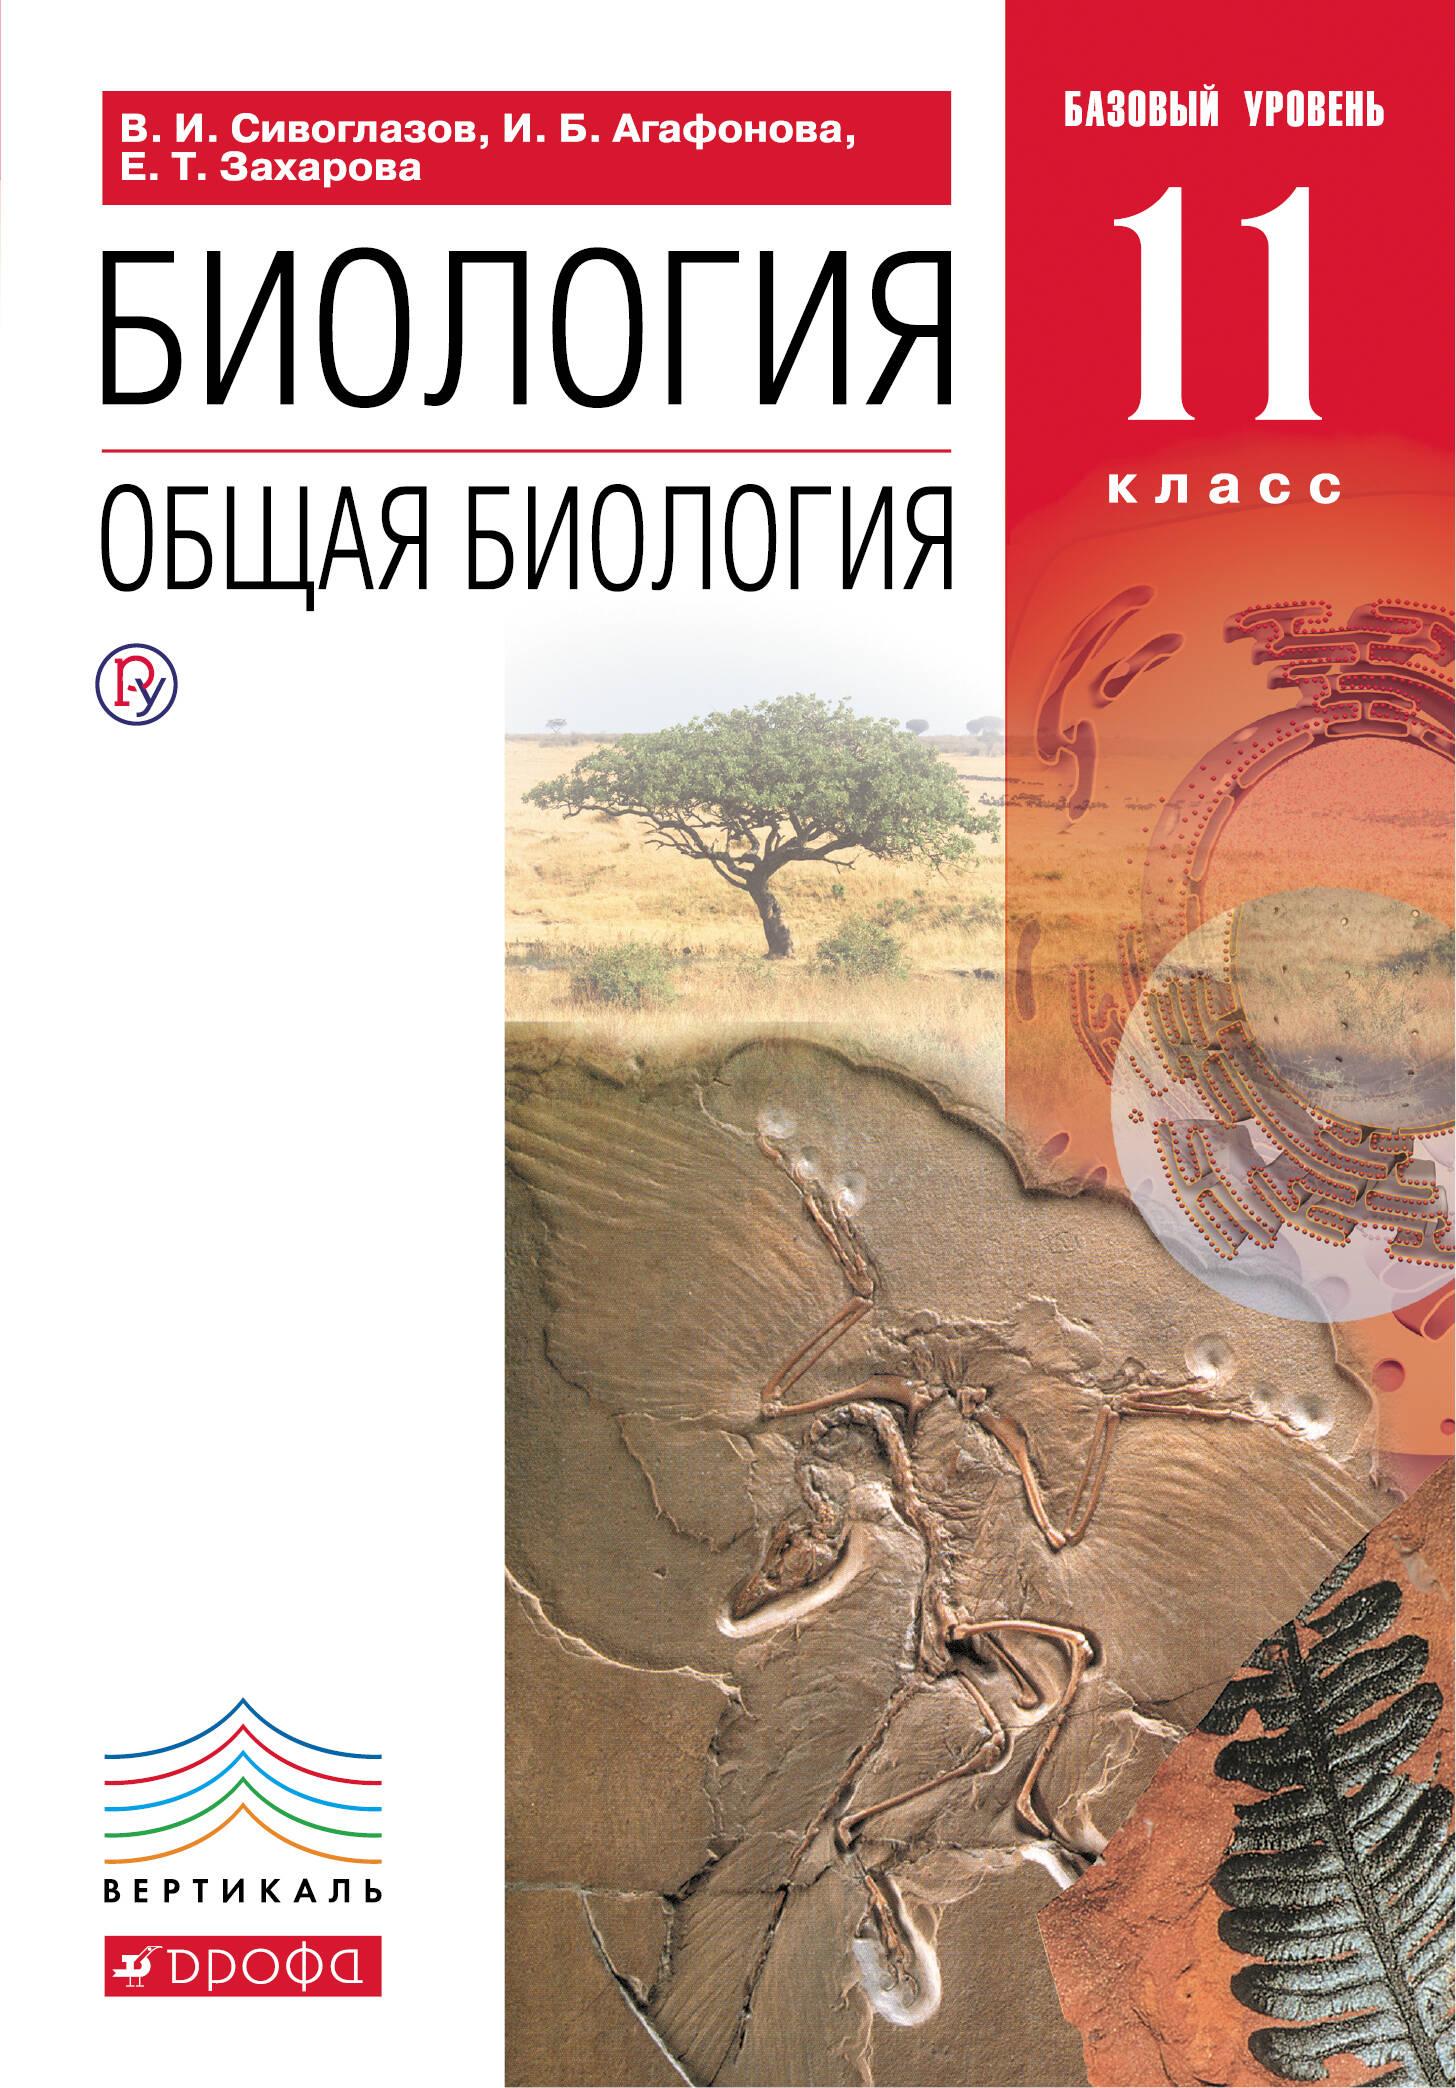 Книга по биологии за 11 класс 2018 год